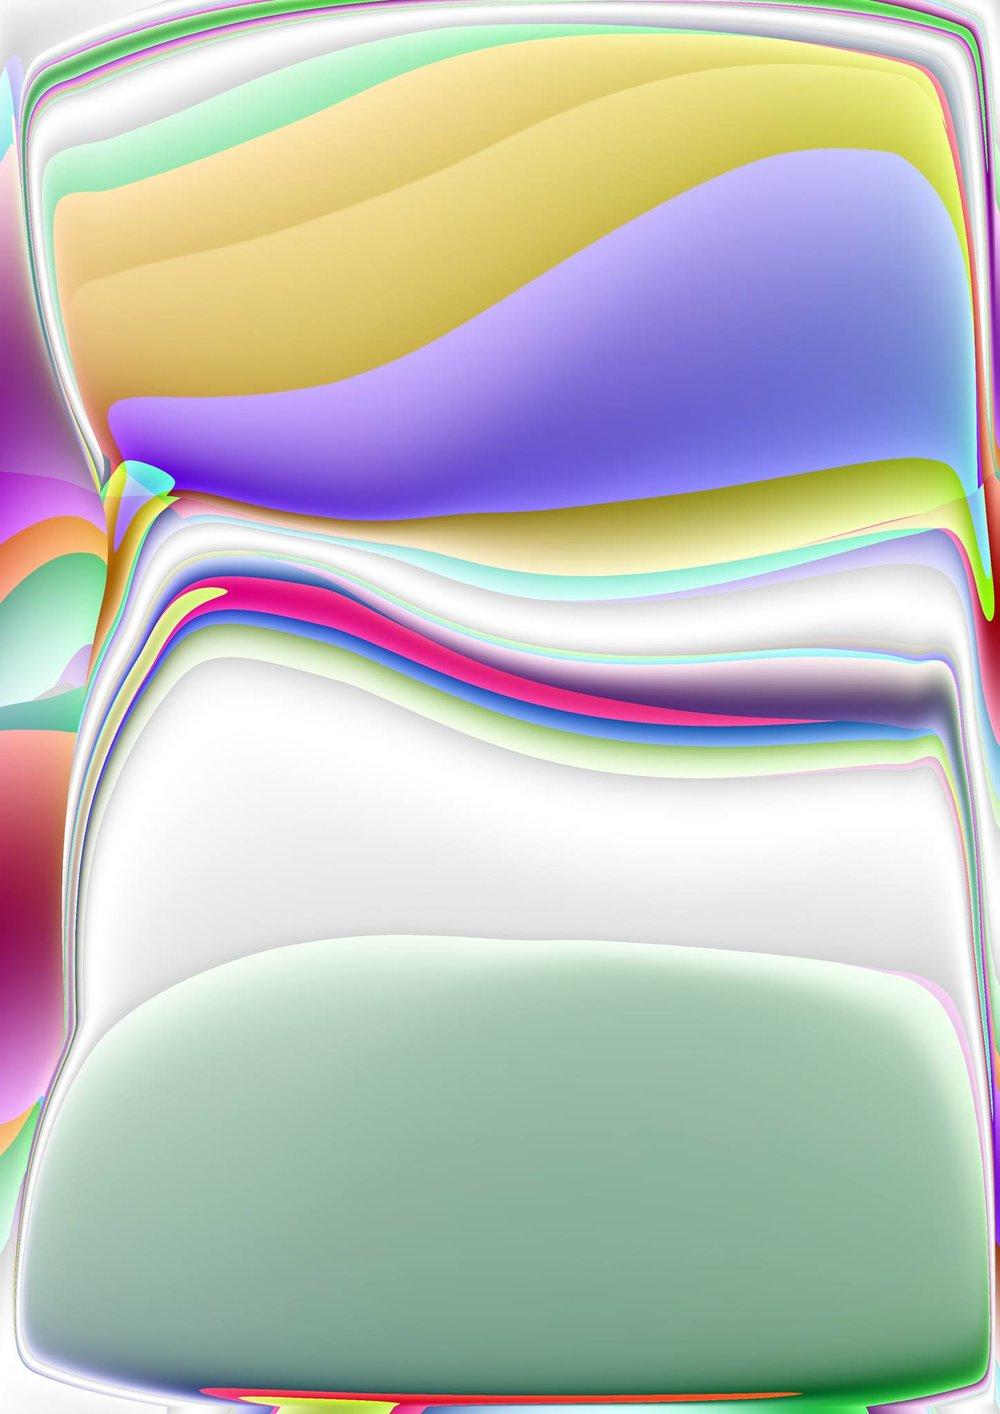 Ellectra Radikal_Non commercial abstraction